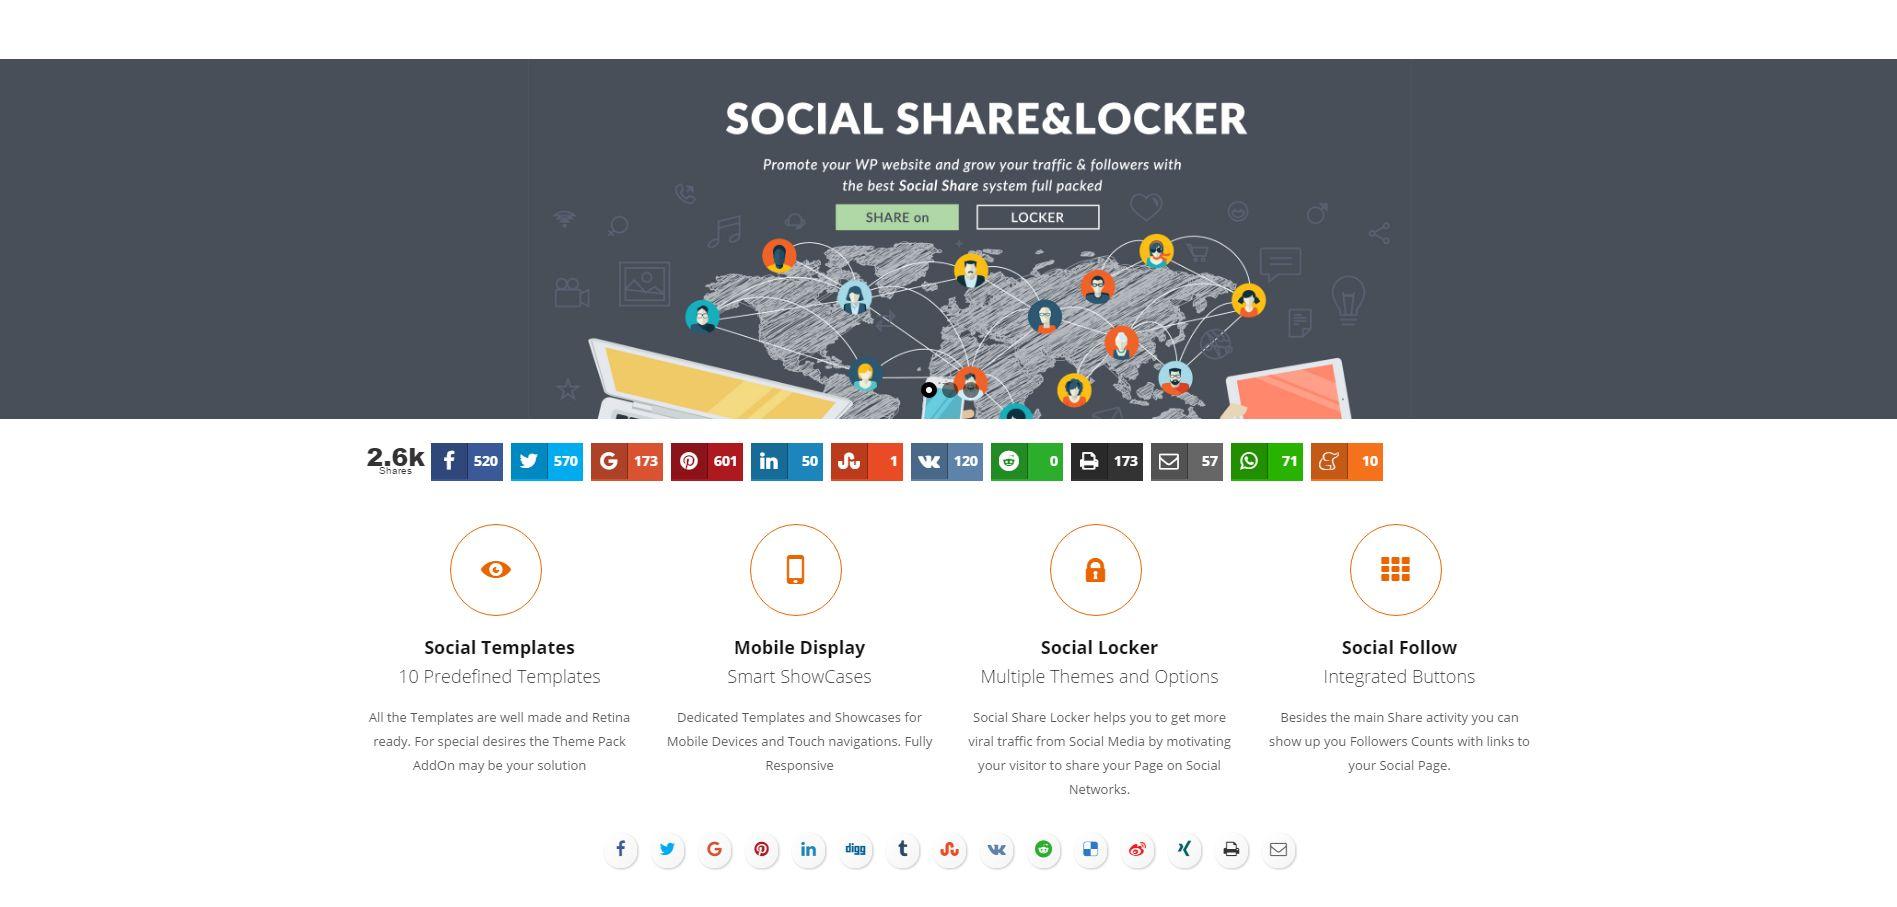 Social Share Locker